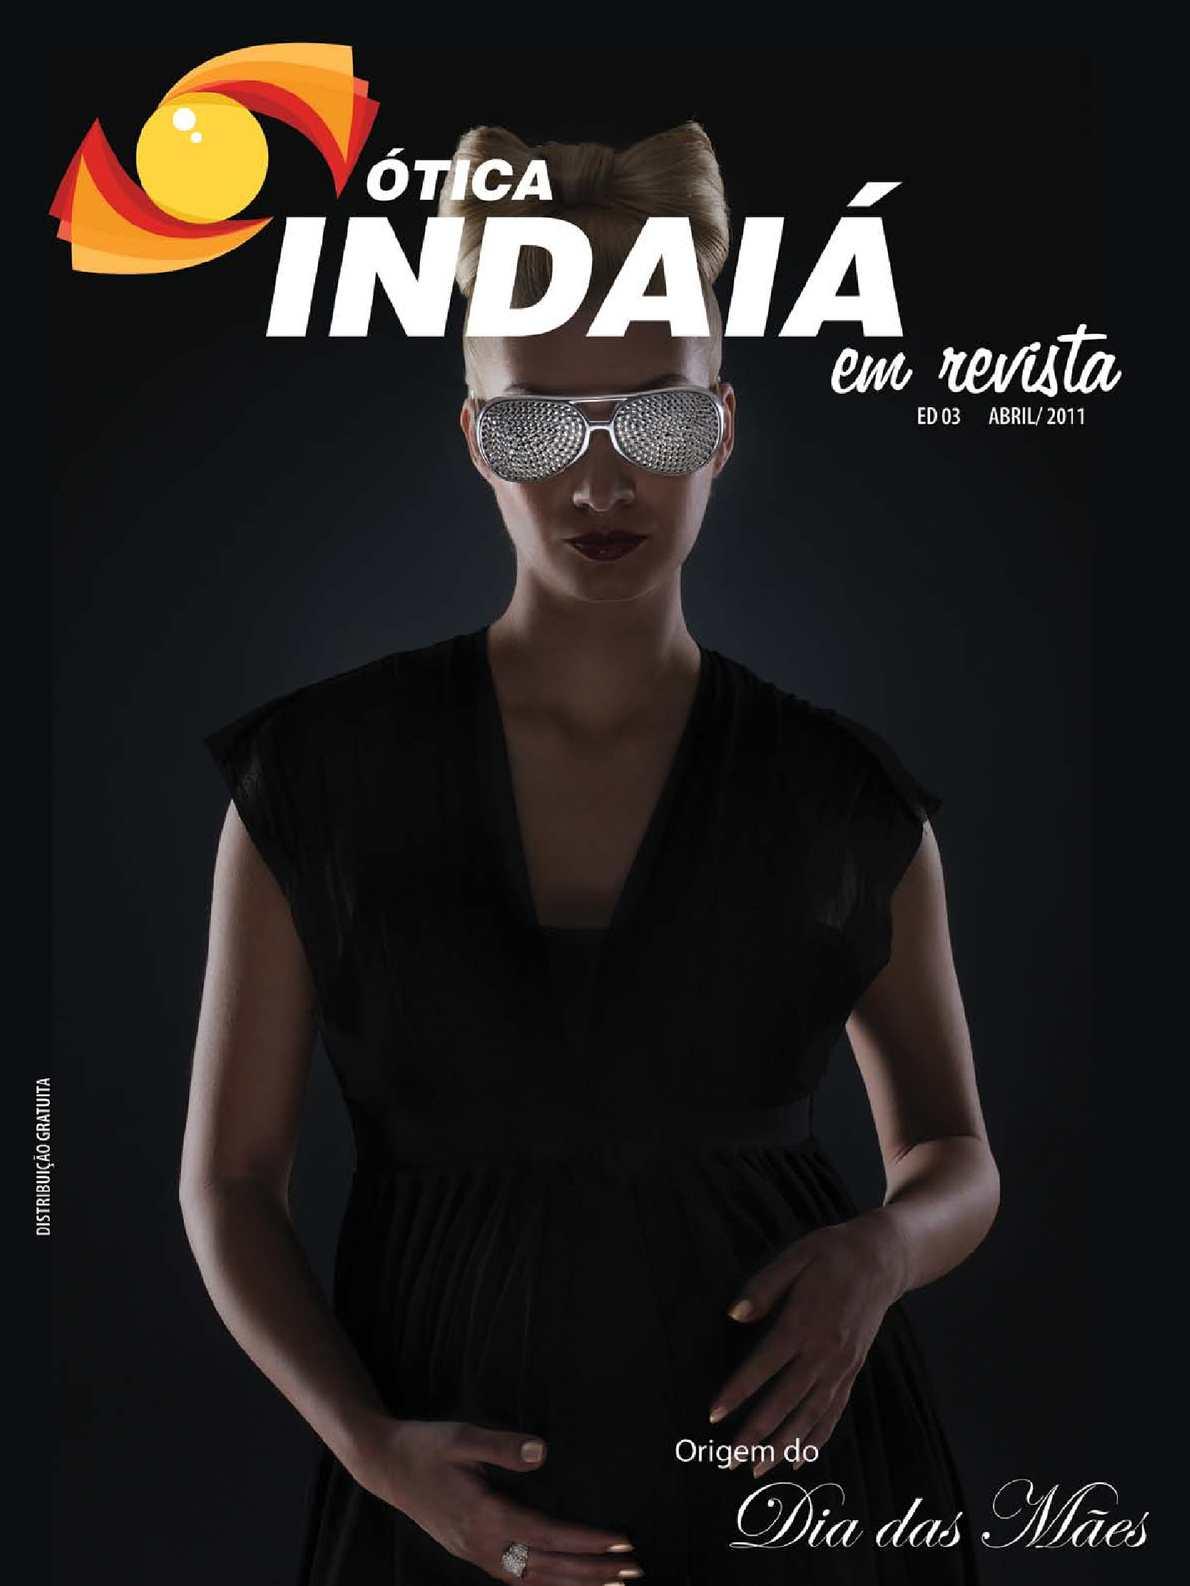 Calaméo - Indaiá em Revista - 3ª Edição 75f34b0d8f